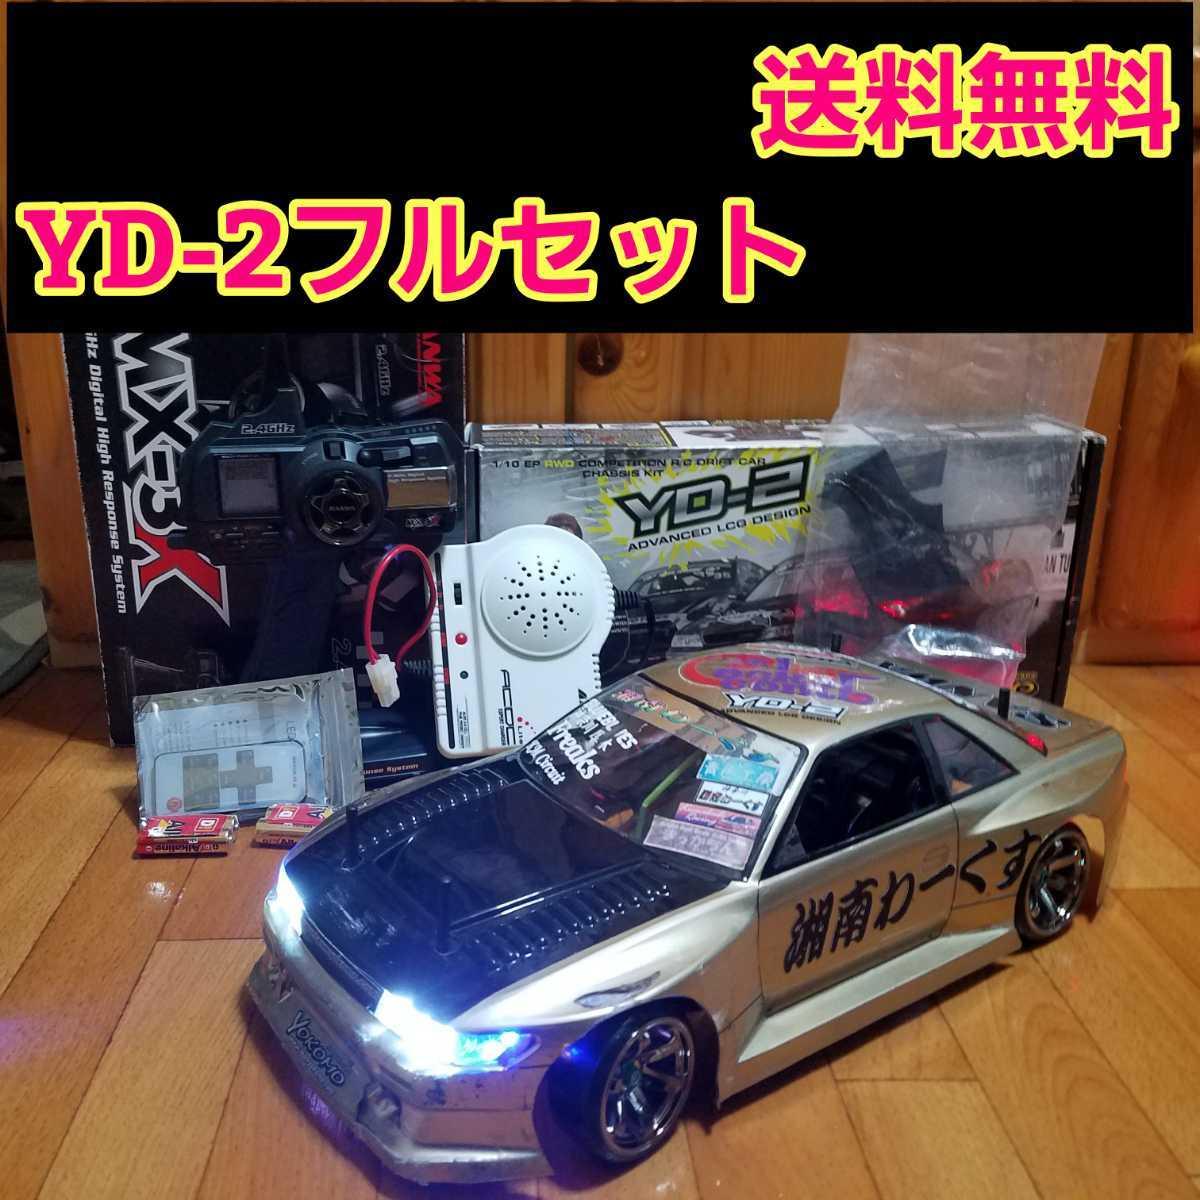 即決《送料無料》 YD-2 フルセット       ドリフト ラジコン 2WD RWD 2駆ドリ